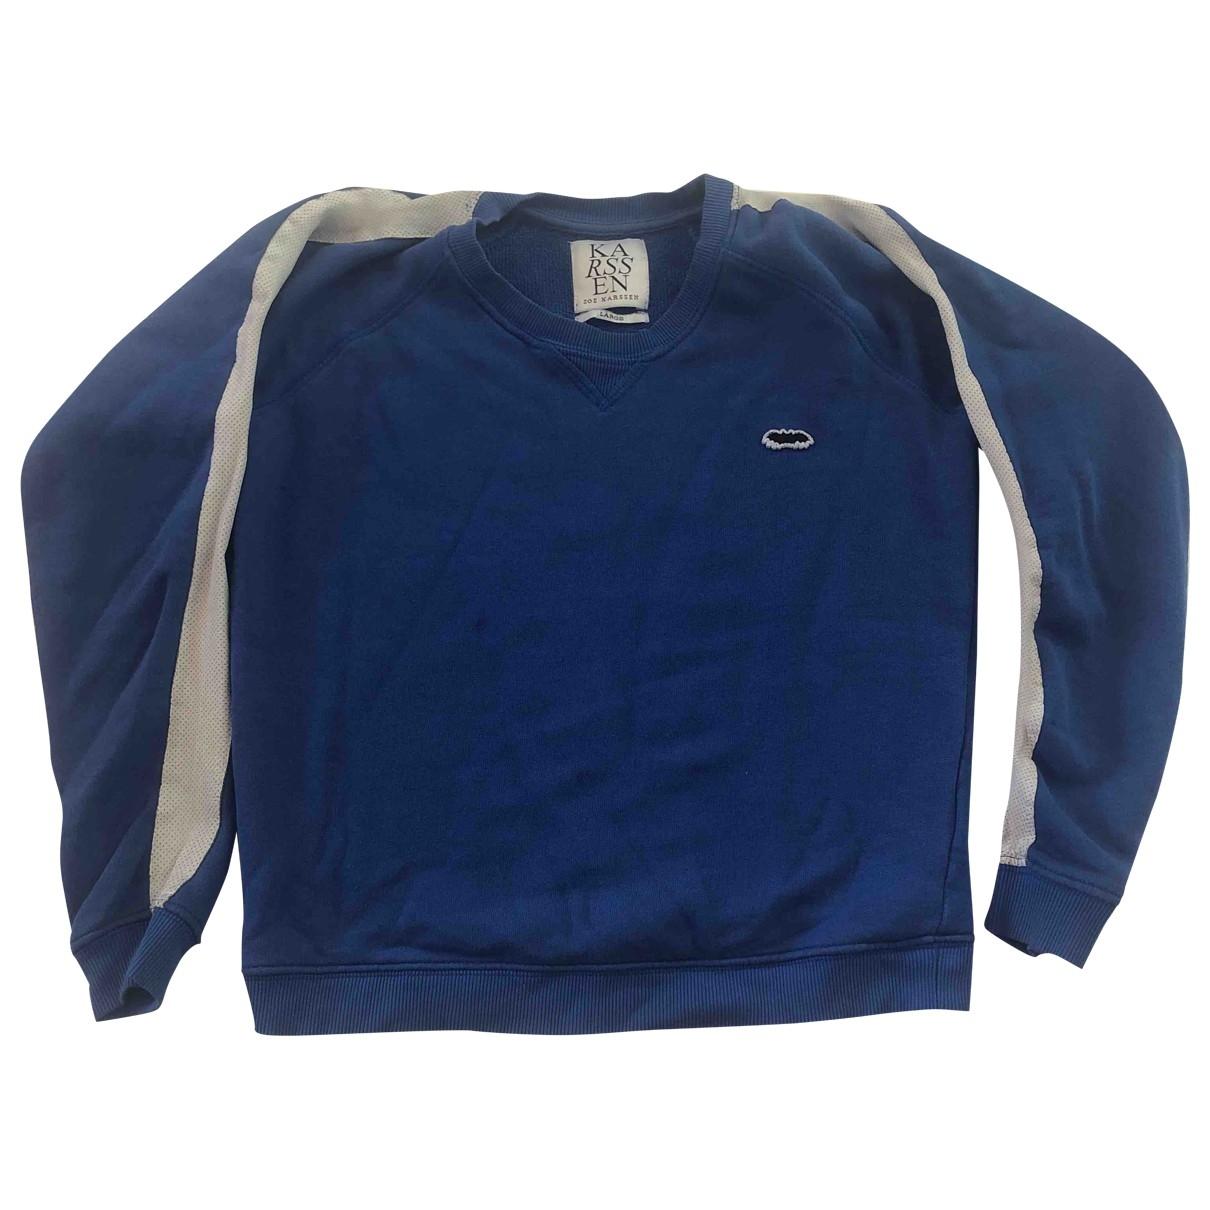 Zoe Karssen - Pull   pour femme en coton - bleu